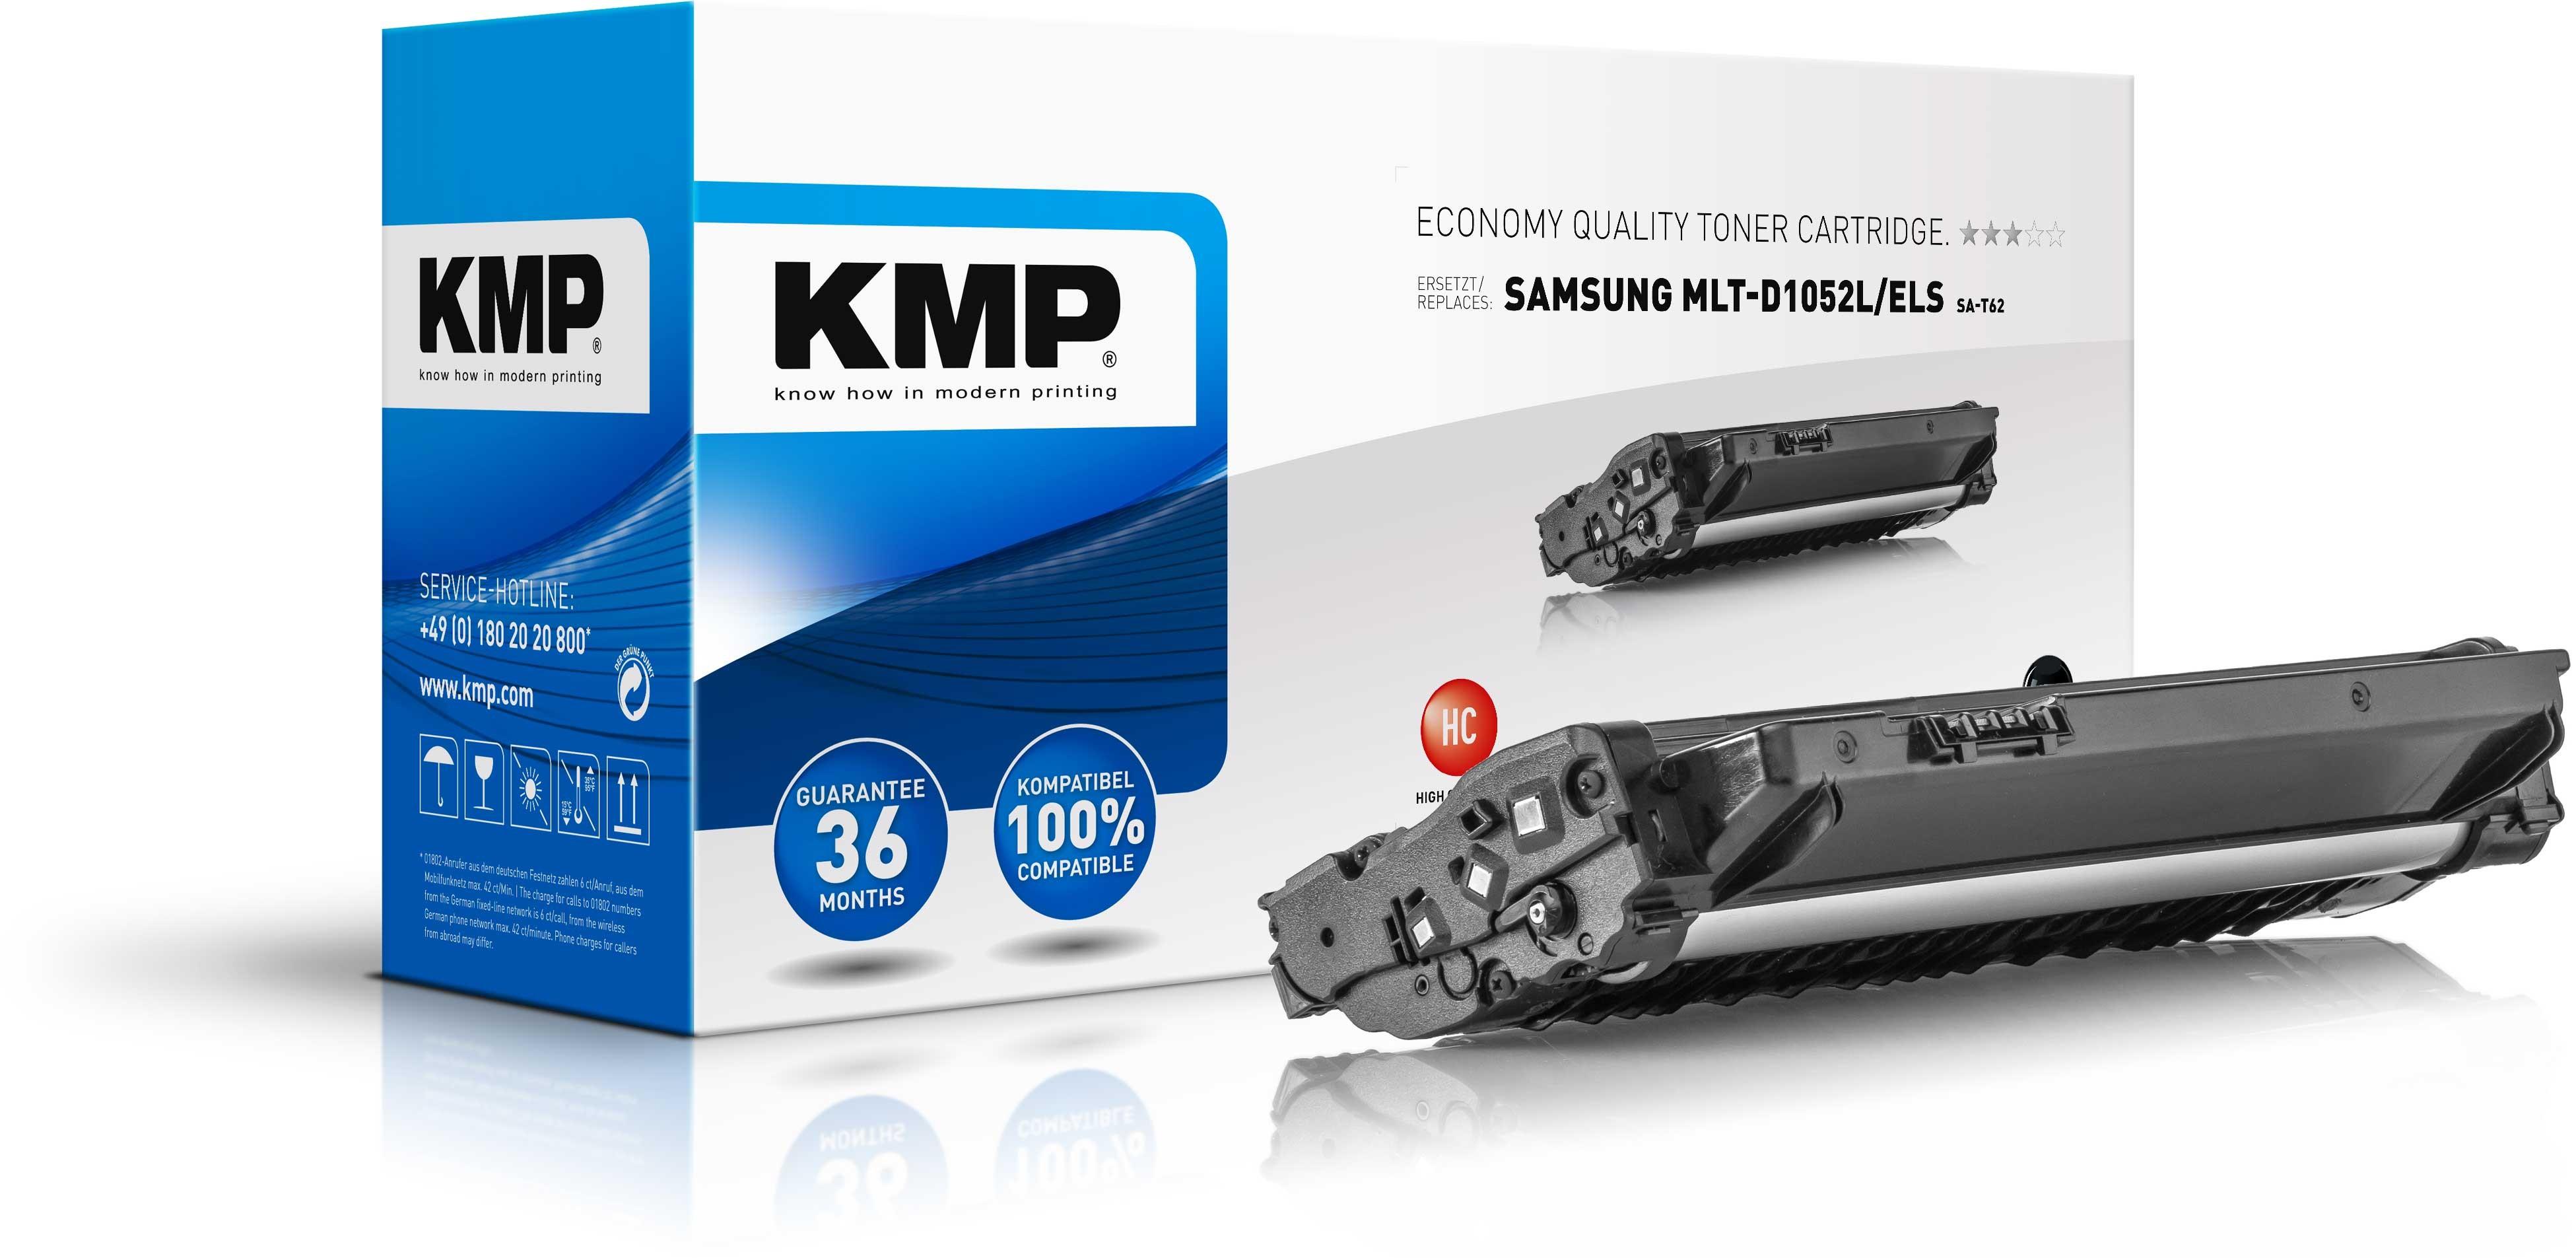 Vorschau: KMP Toner SA-T62 für MLT-D1052L/ELS Samsung ML-1910 etc. black